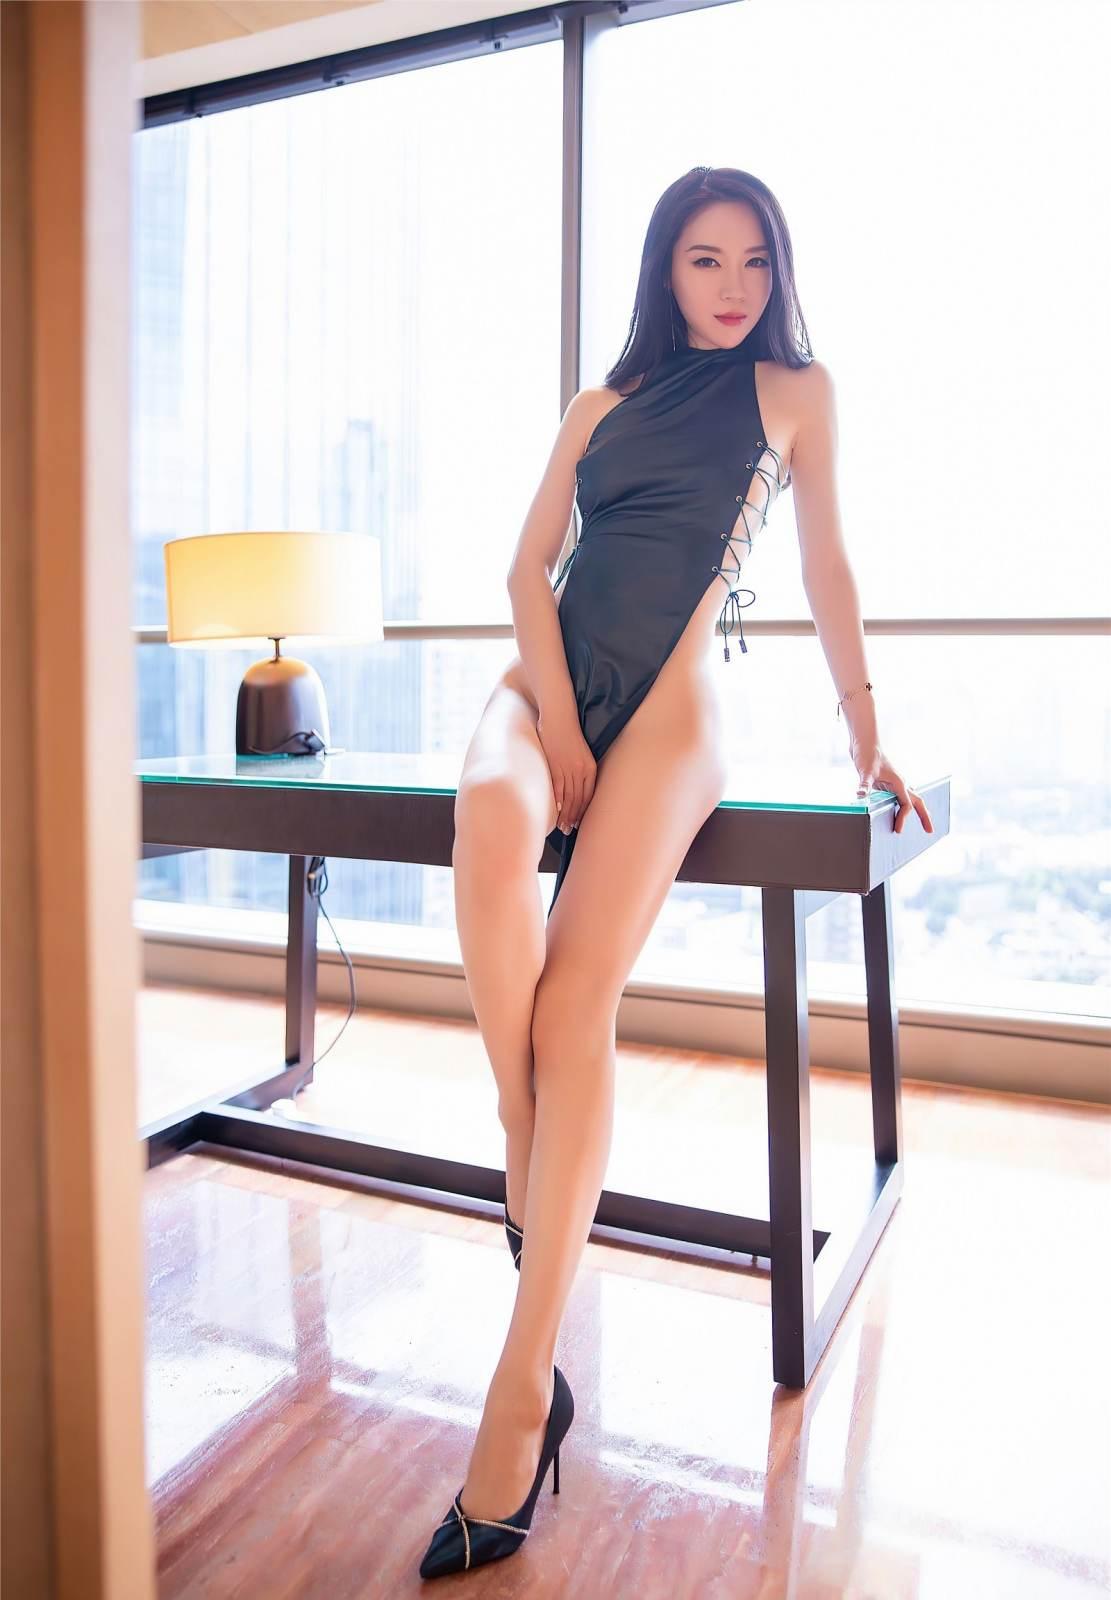 第359期芸芸众生赞,飘飘仙子舞梦心月(高跟,旗袍,大长腿,高挑)_图片8